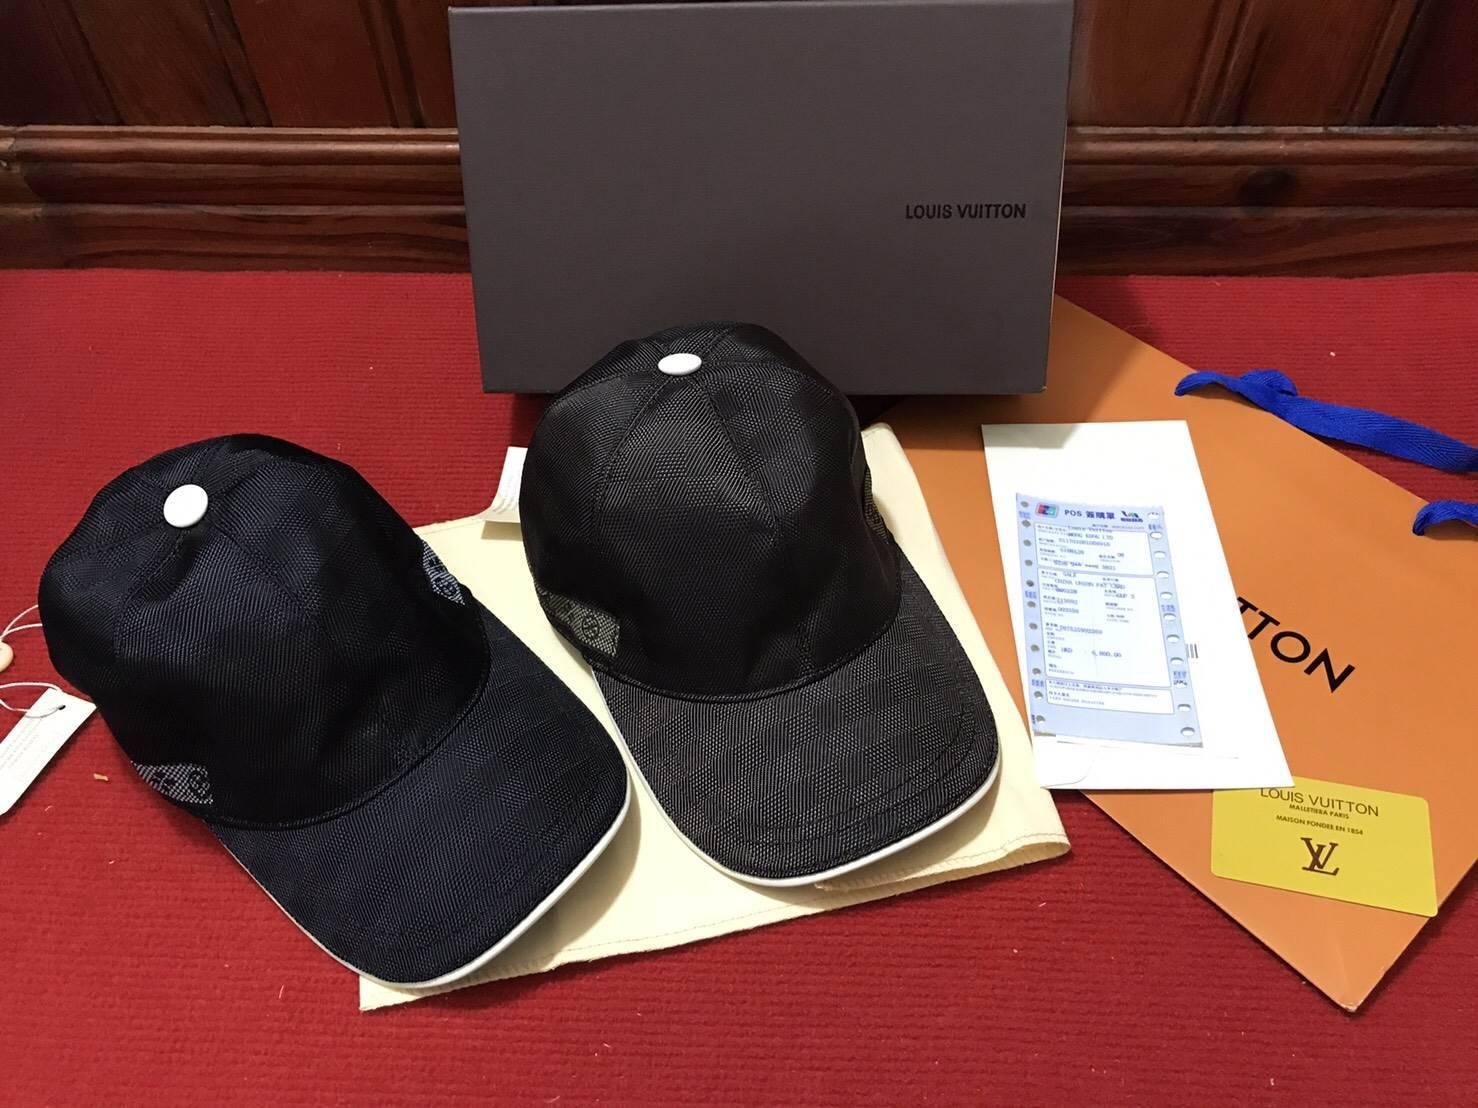 หมวกแฟชั่น หมวก LV : HIEND สวยที่สุดค่ะ